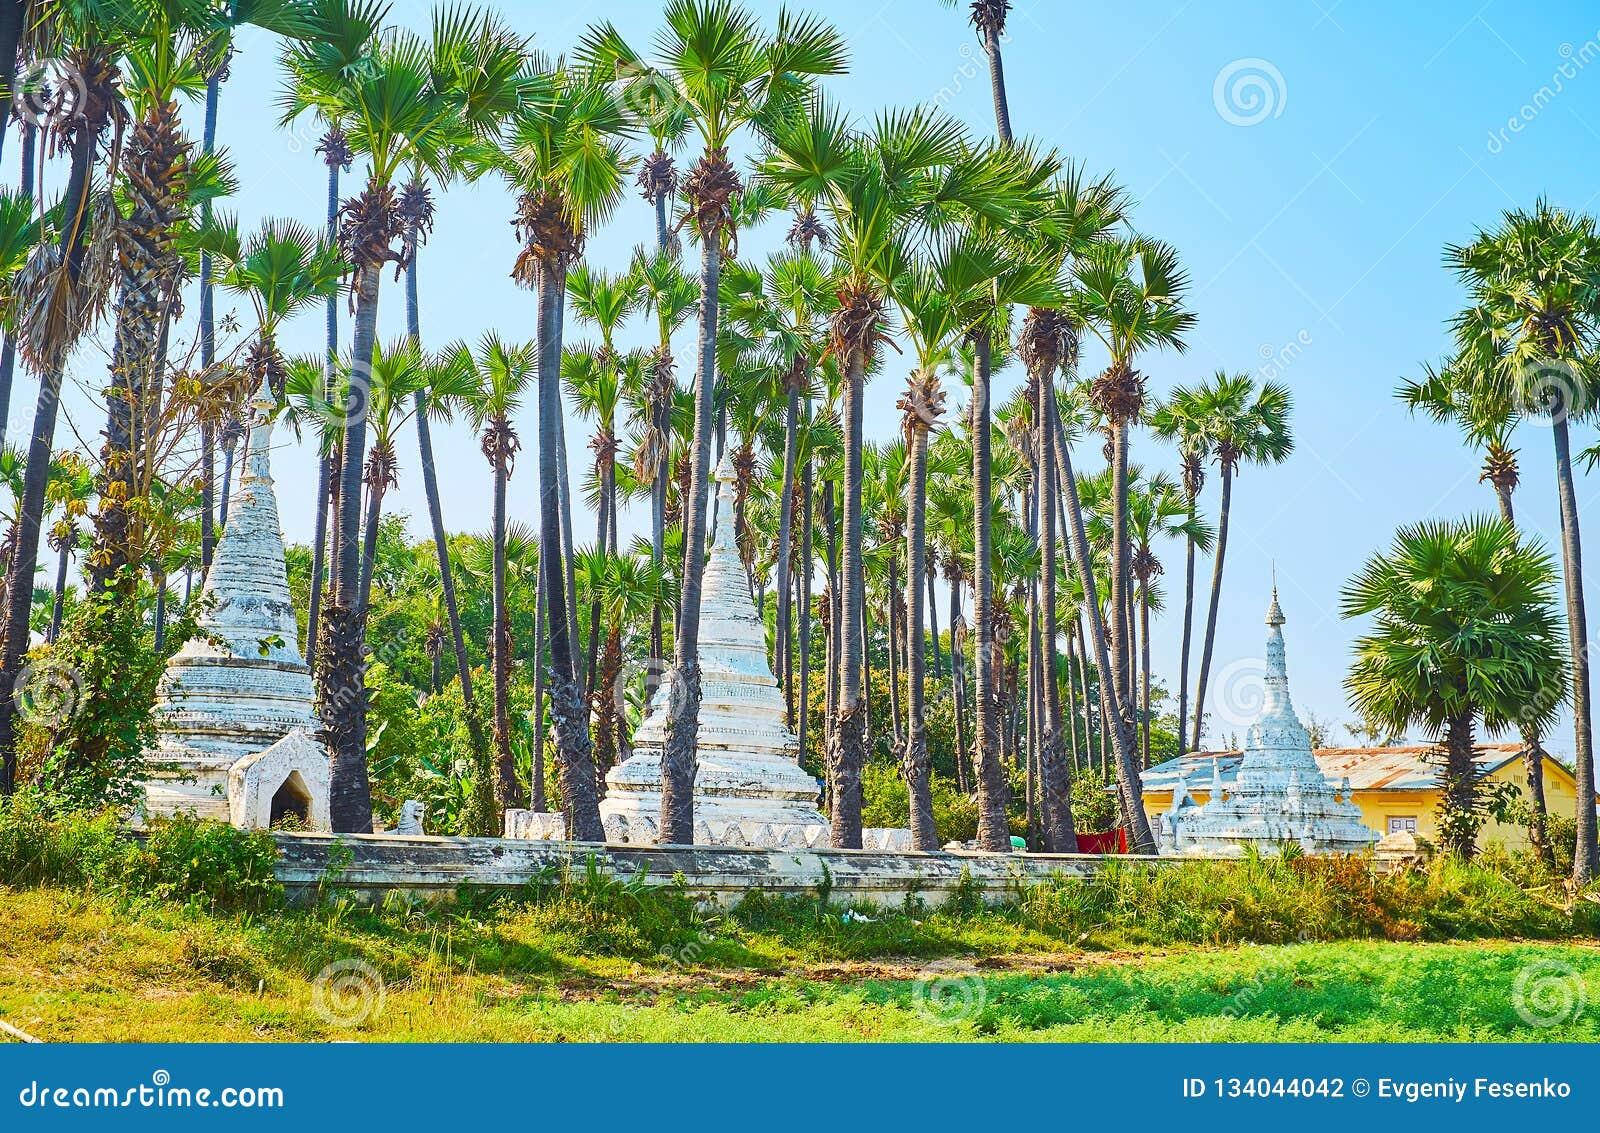 Bagaya Monastery In Tropic Garden Ava Myanmar Stock Photo